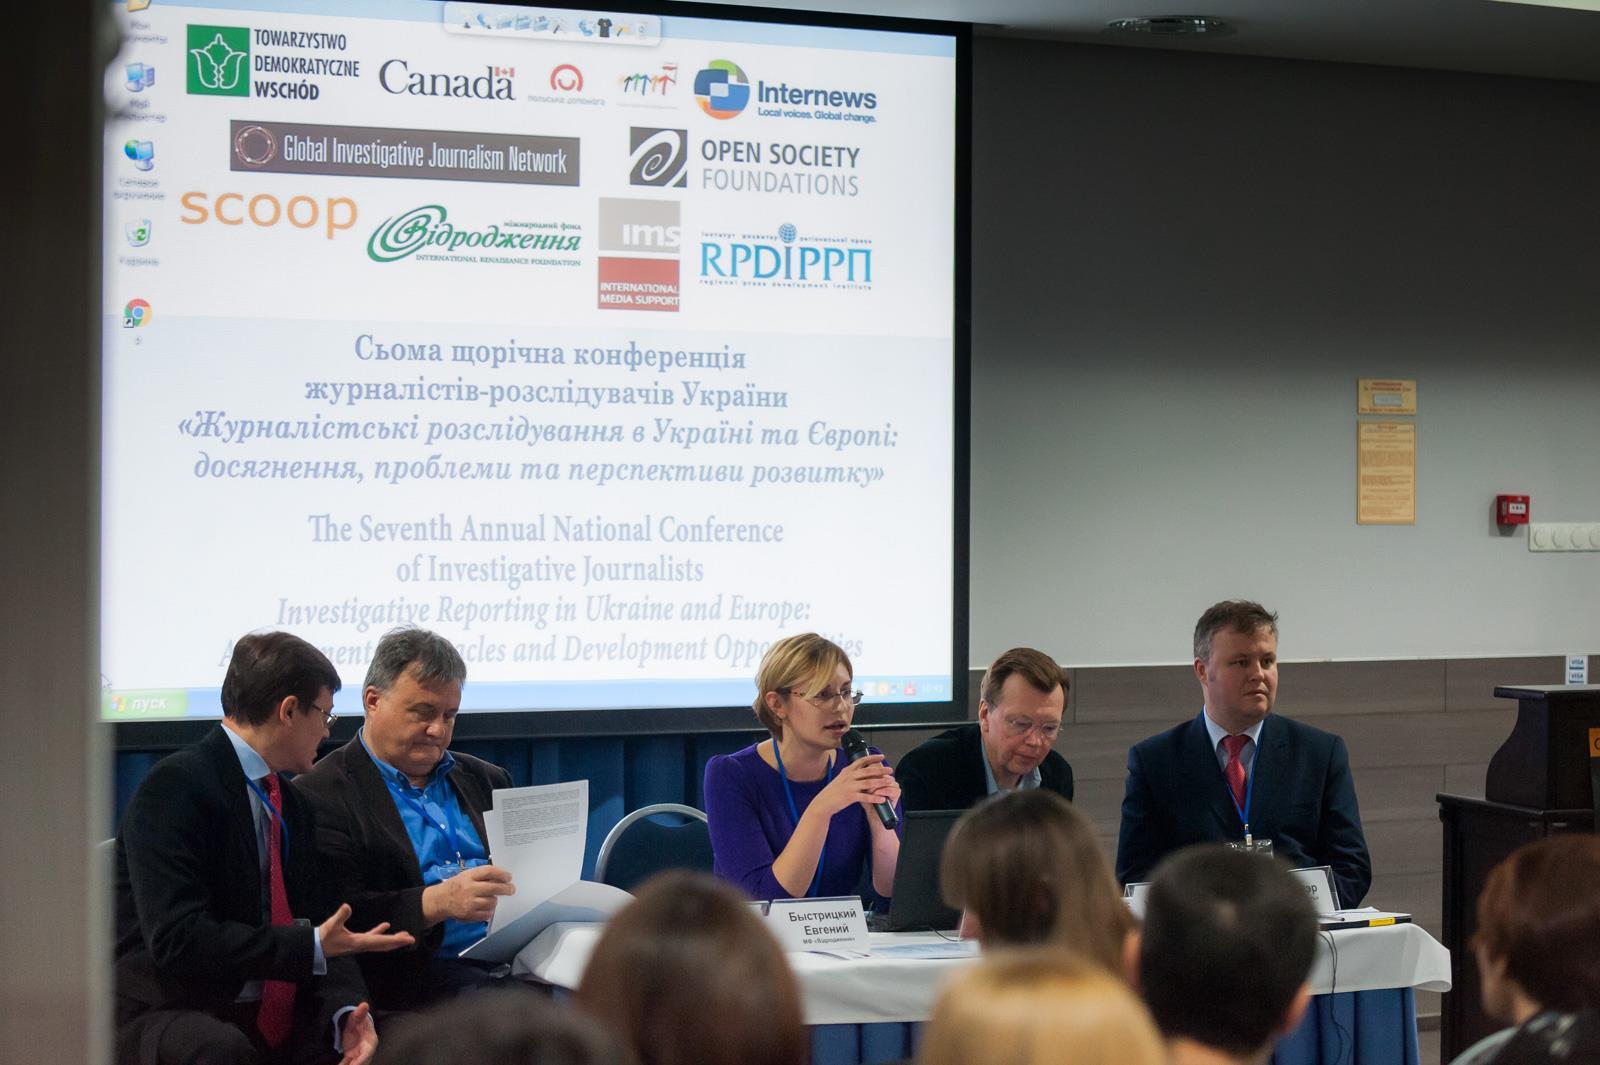 Фотогалерея з Сьомої щорічної конференції журналістів-розслідувачів України